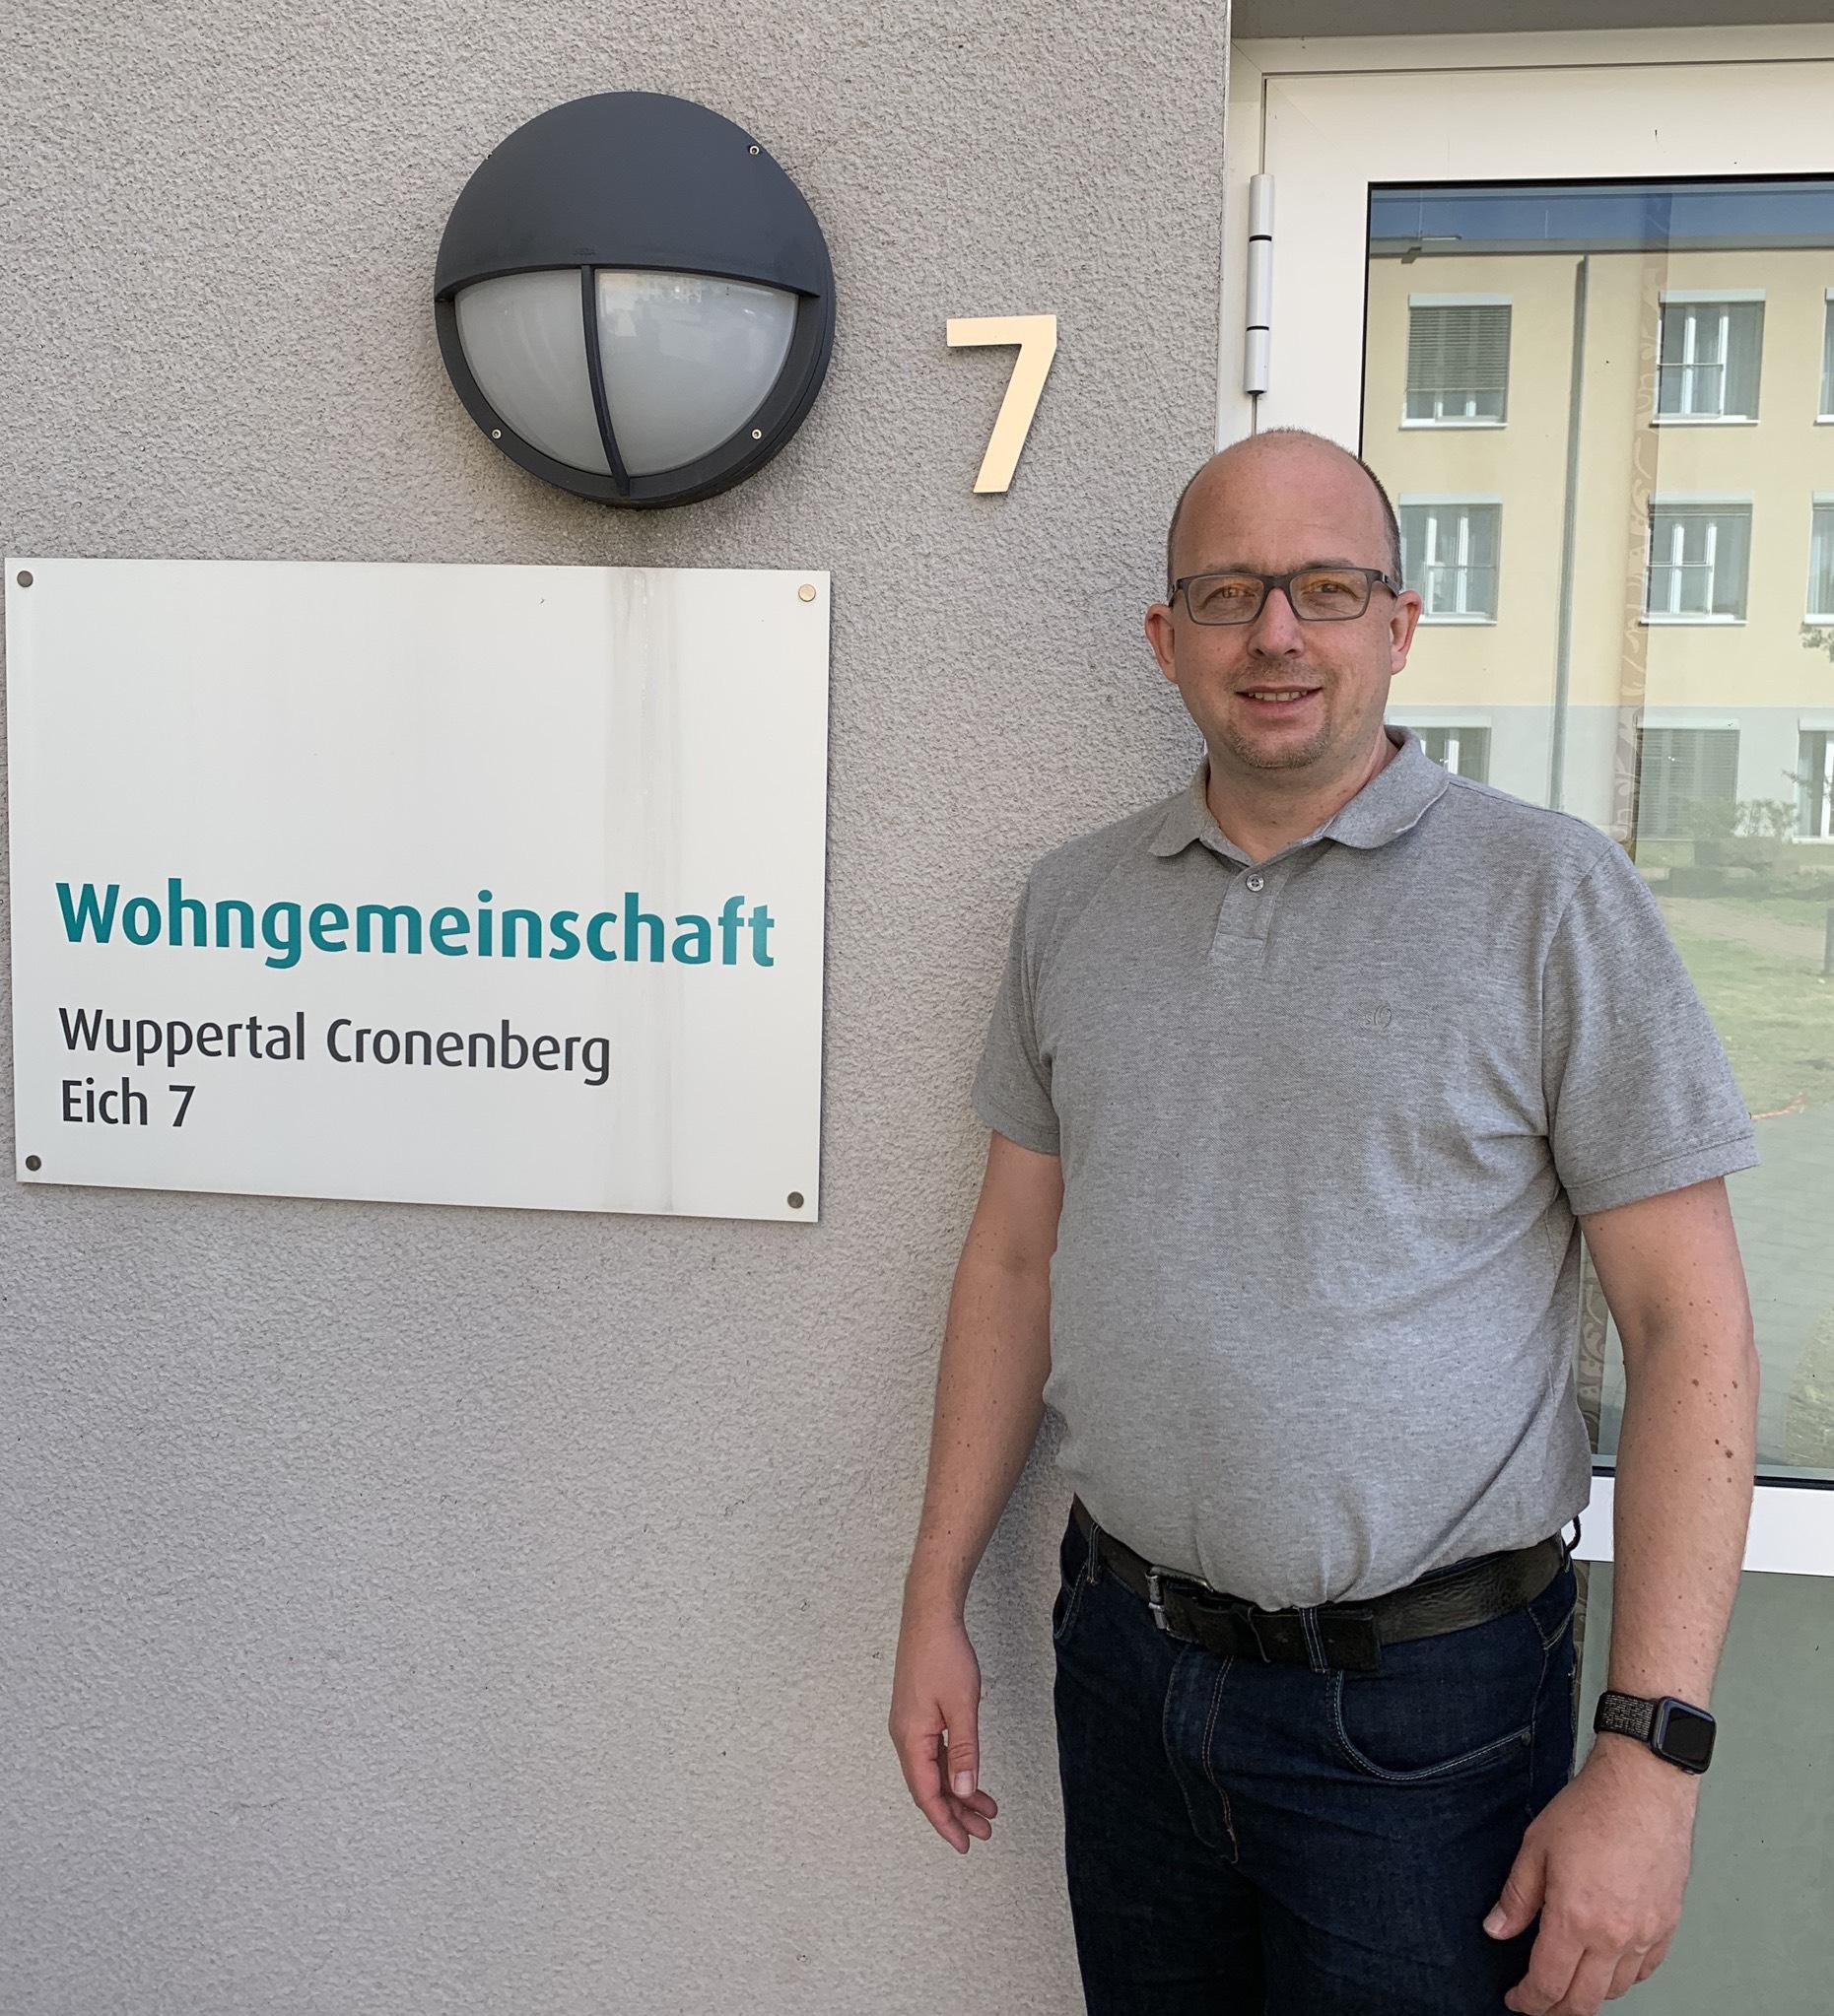 """""""Satt und Sauber ist nicht mein Fall."""" – Constantin, erster Atmungstherapeut bei VigeoCare und der bipG VOR ORT"""